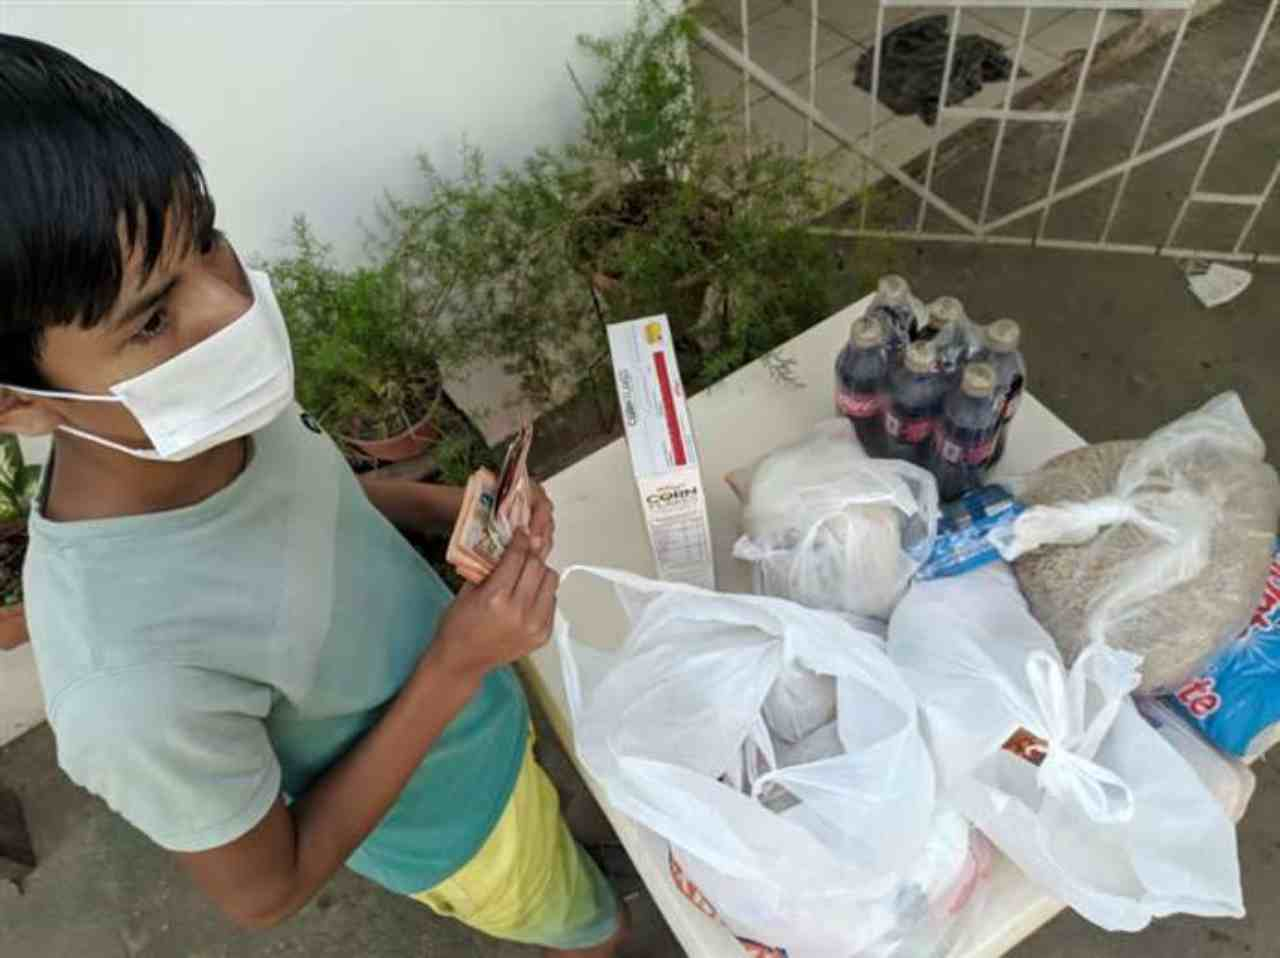 Bambino di 11 anni riesce a sfamare i suoi 7 fratelli durante l'epidemia | VIDEO